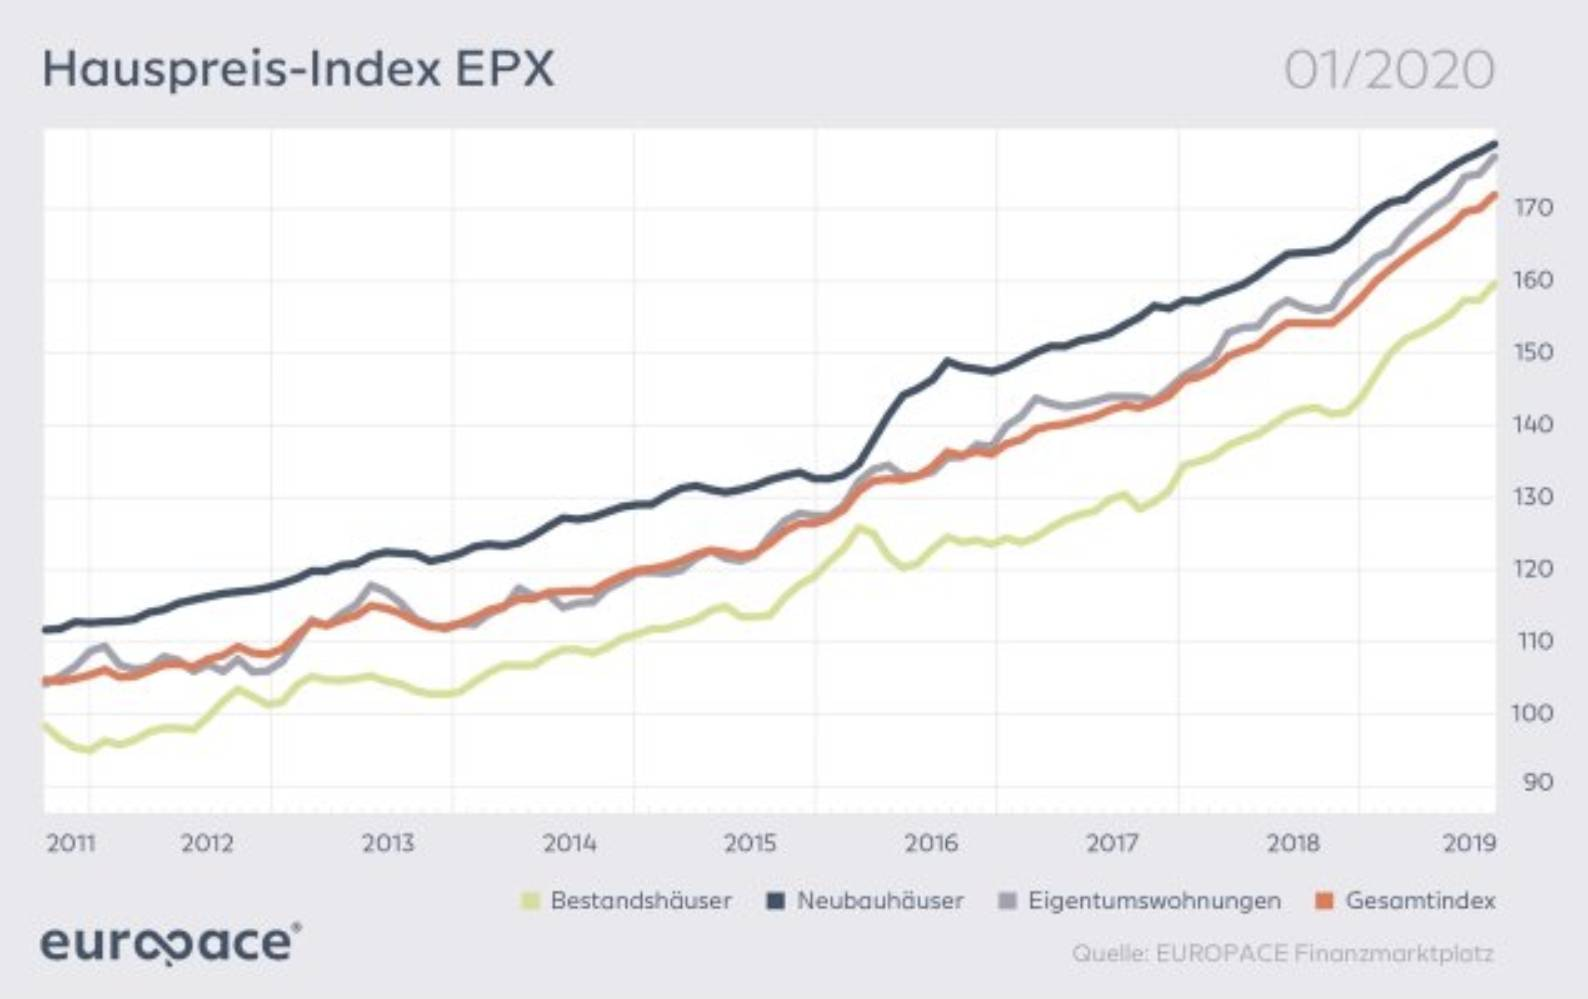 Europace Hauspreisindex steigt immer weiter an - Preisboom bei Immobilien!